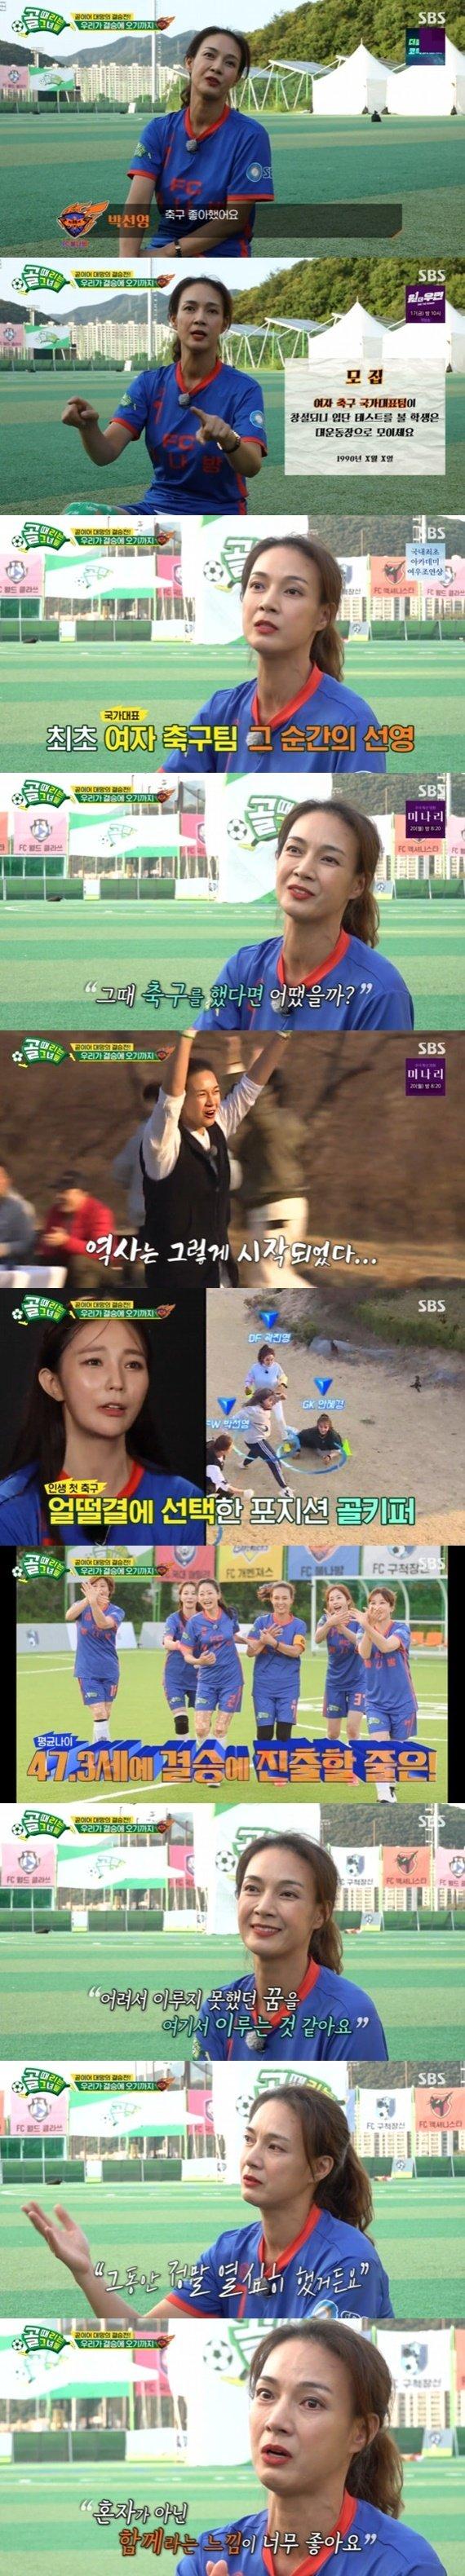 """박선영, '골때녀' 있게 한 최강자…""""이루지 못한 꿈 이룬 것 같아"""" [RE:TV]"""